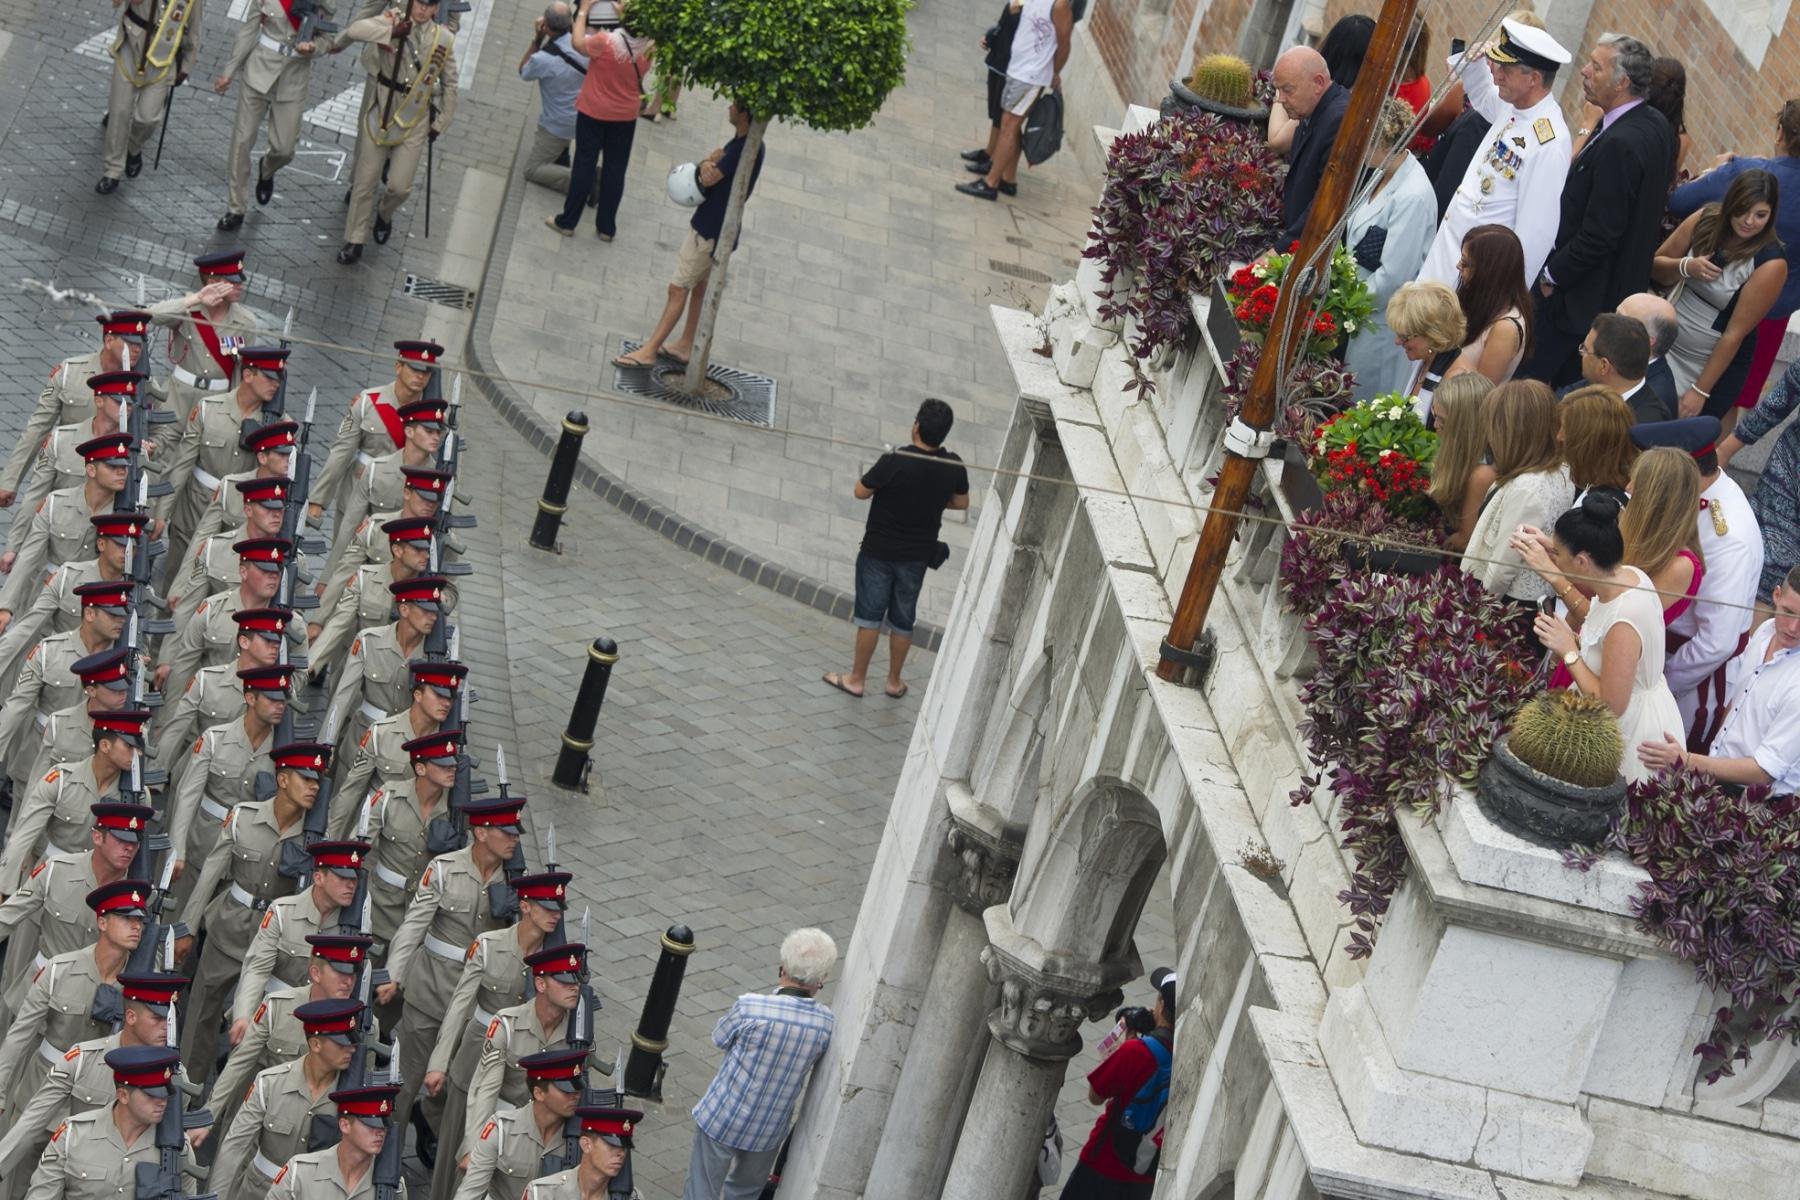 desfile-de-la-libertad-de-la-ciudad-gibraltar05_9858757445_o